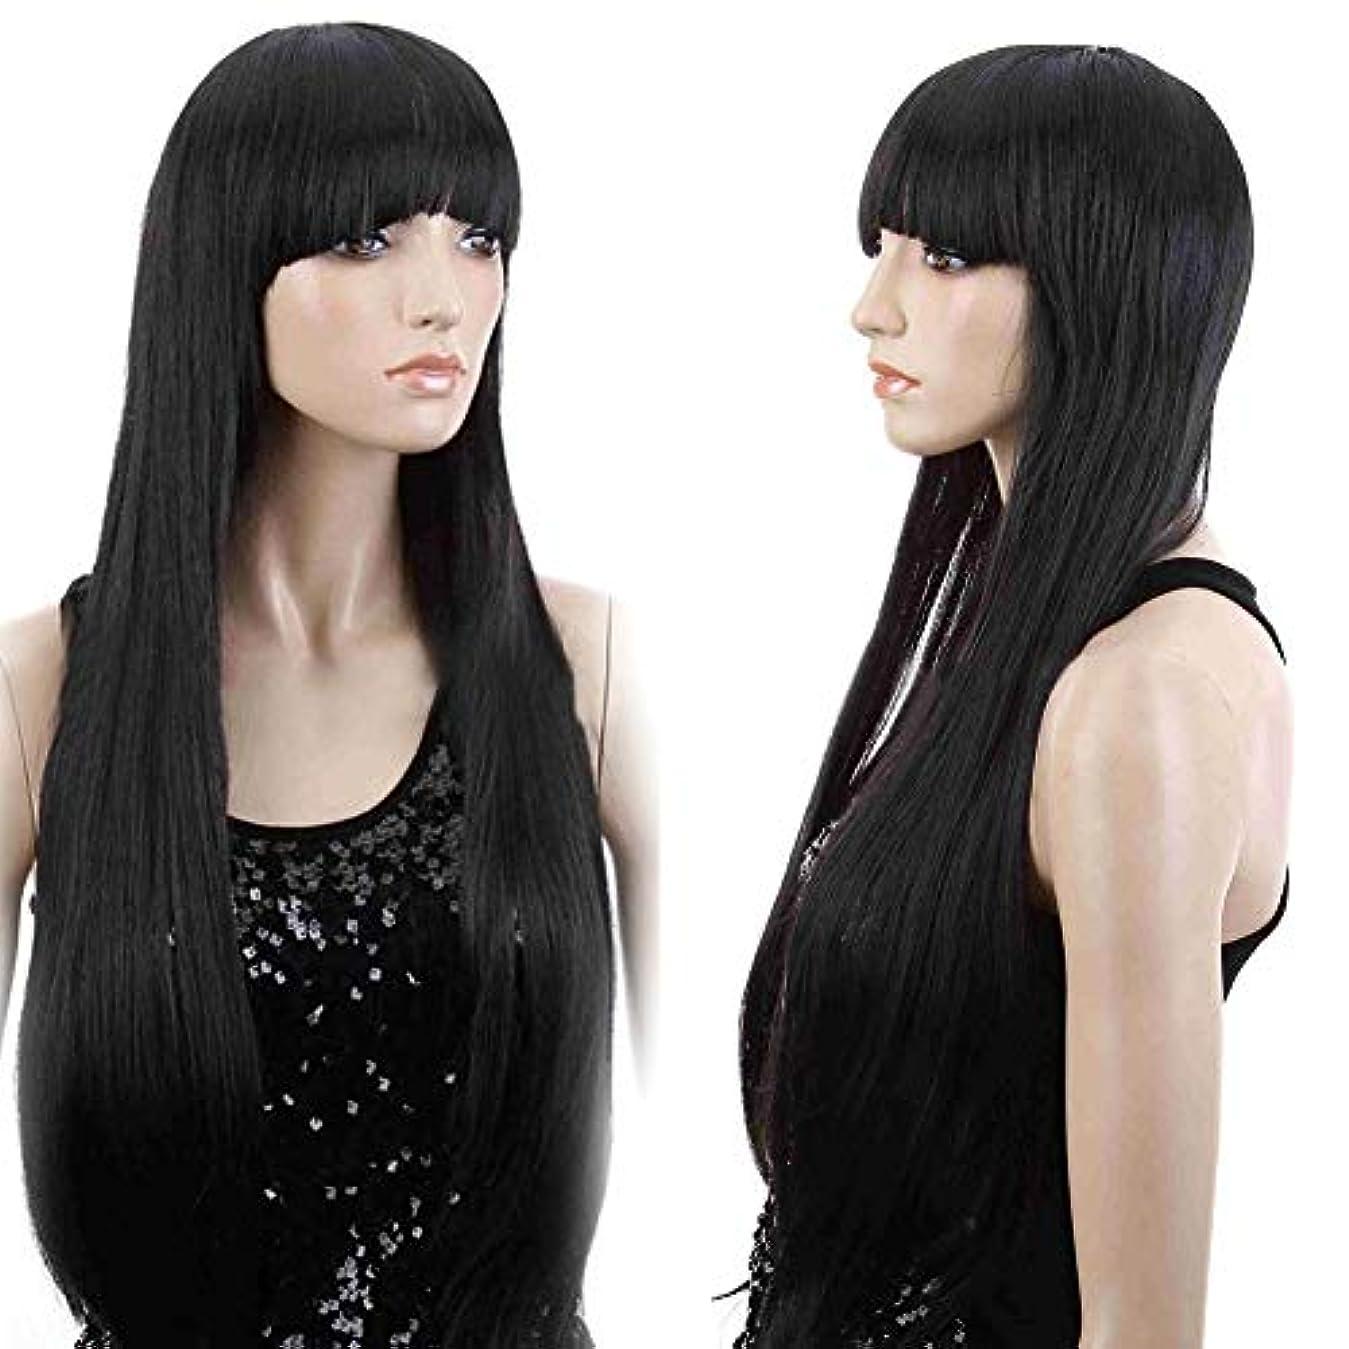 気まぐれな市町村適合するslQinjiansav女性ウィッグ修理ツール女性前髪耐熱性ロングストレートウィッグコスプレパーティー合成ヘアピース